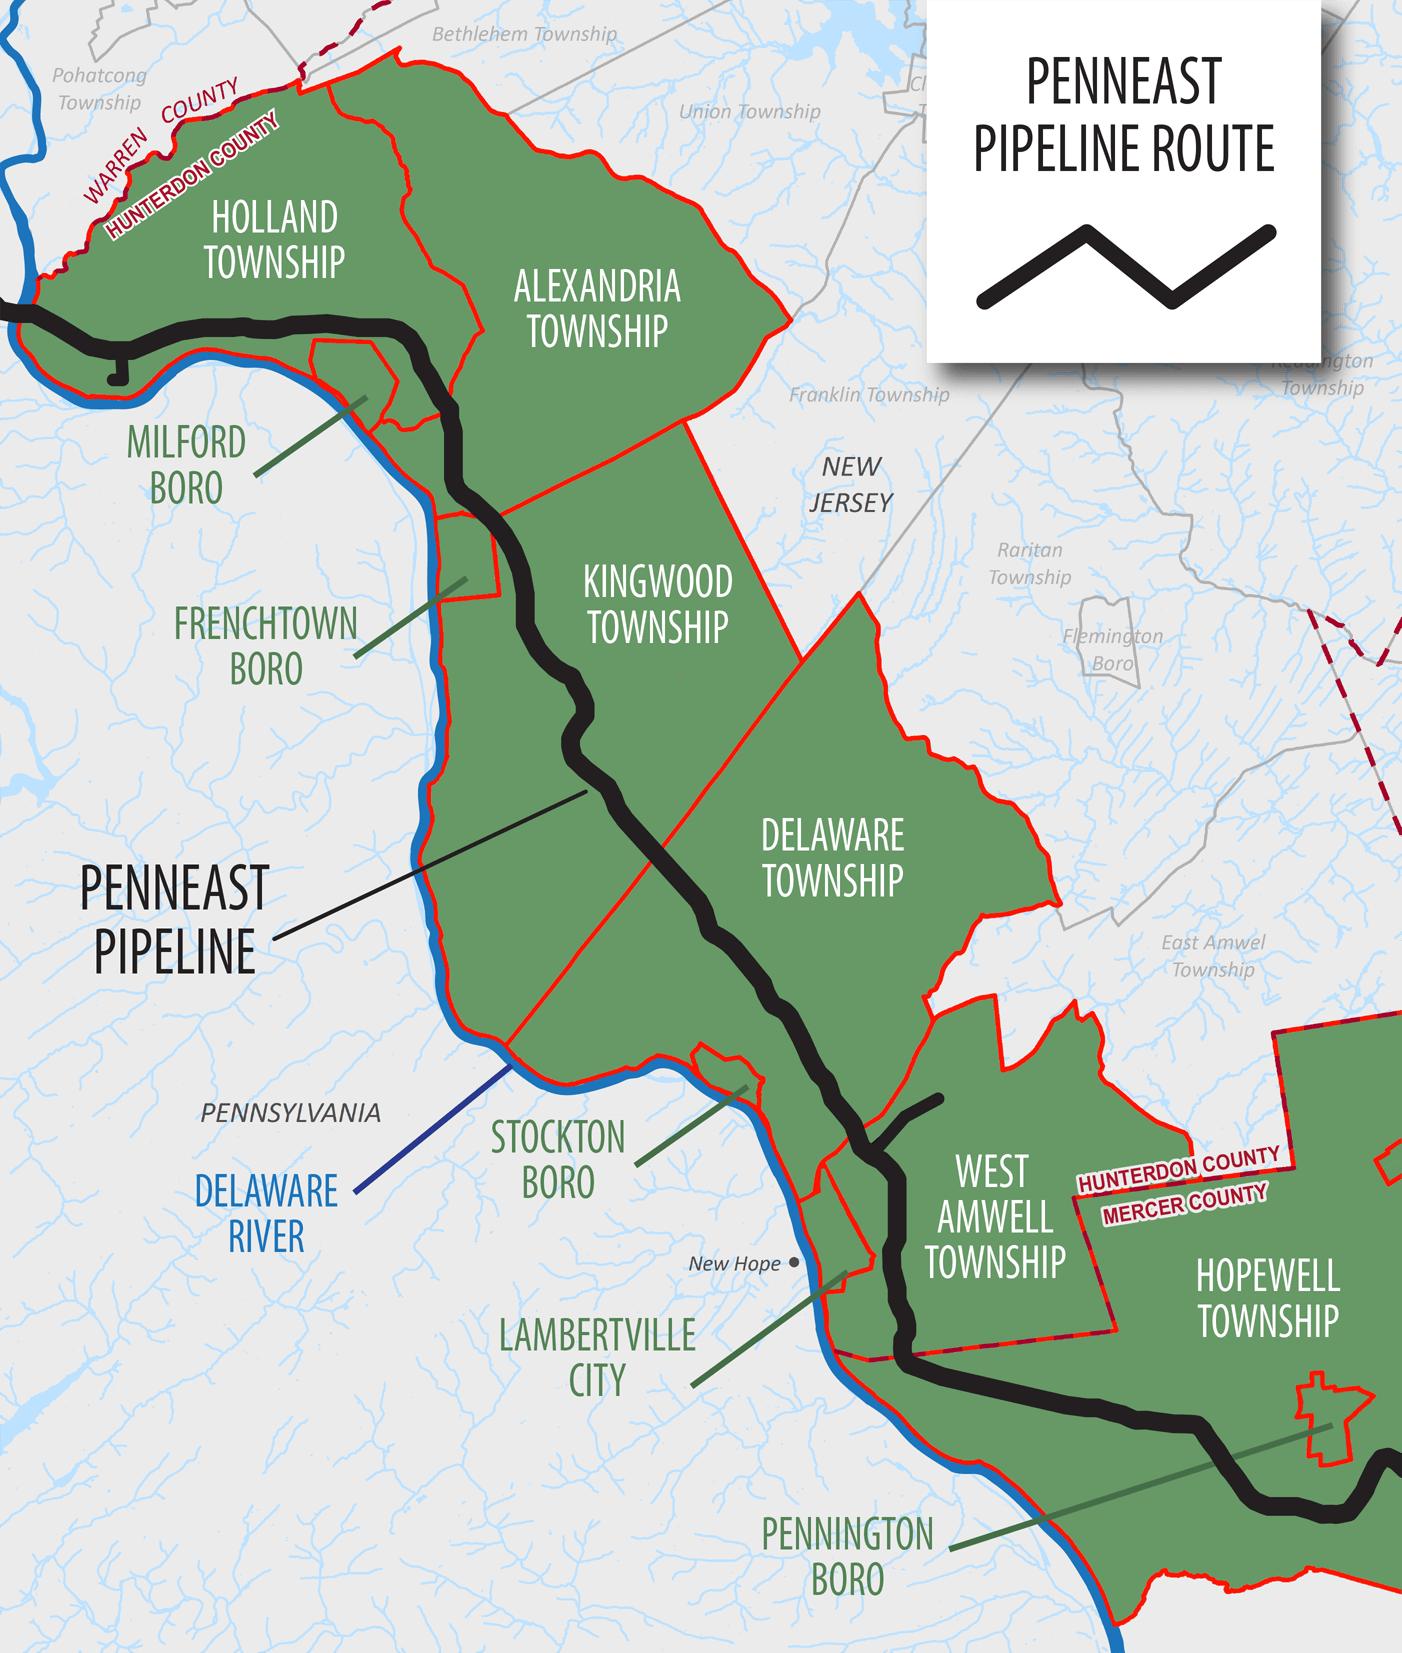 RENJ_PennEast_Pipeline_Route_KG